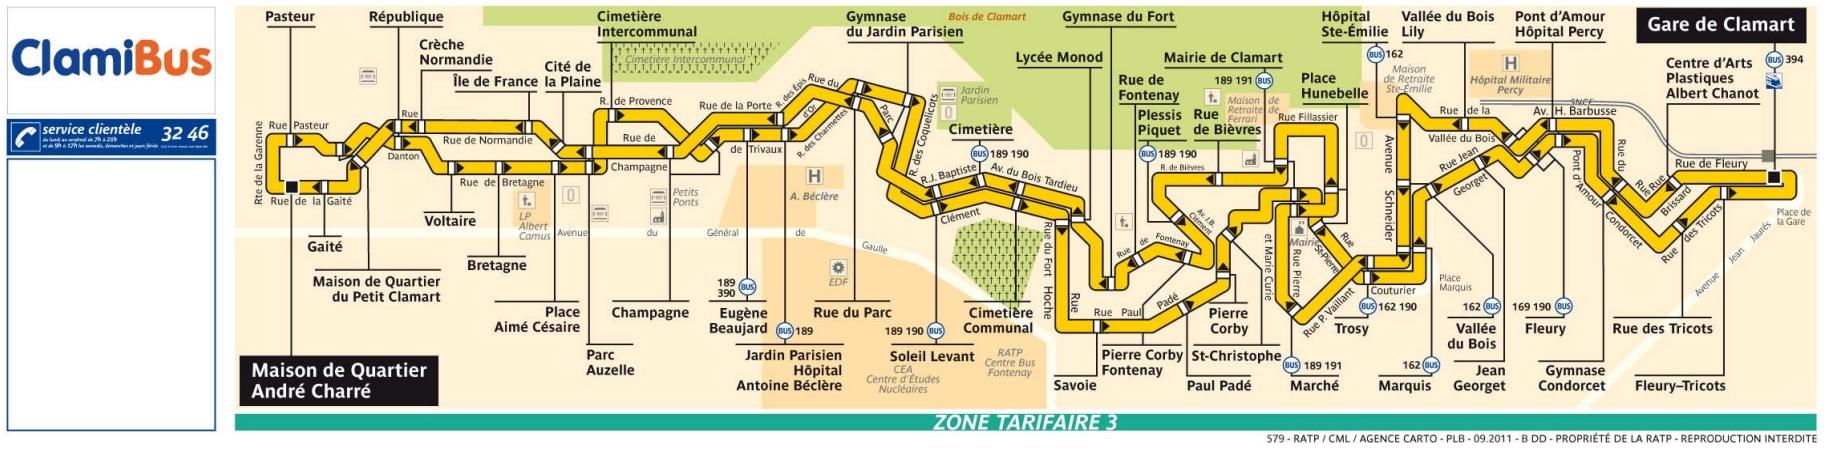 Bus 579 clamibus horaires et plan ligne 579 paris for Plan de jardin en ligne